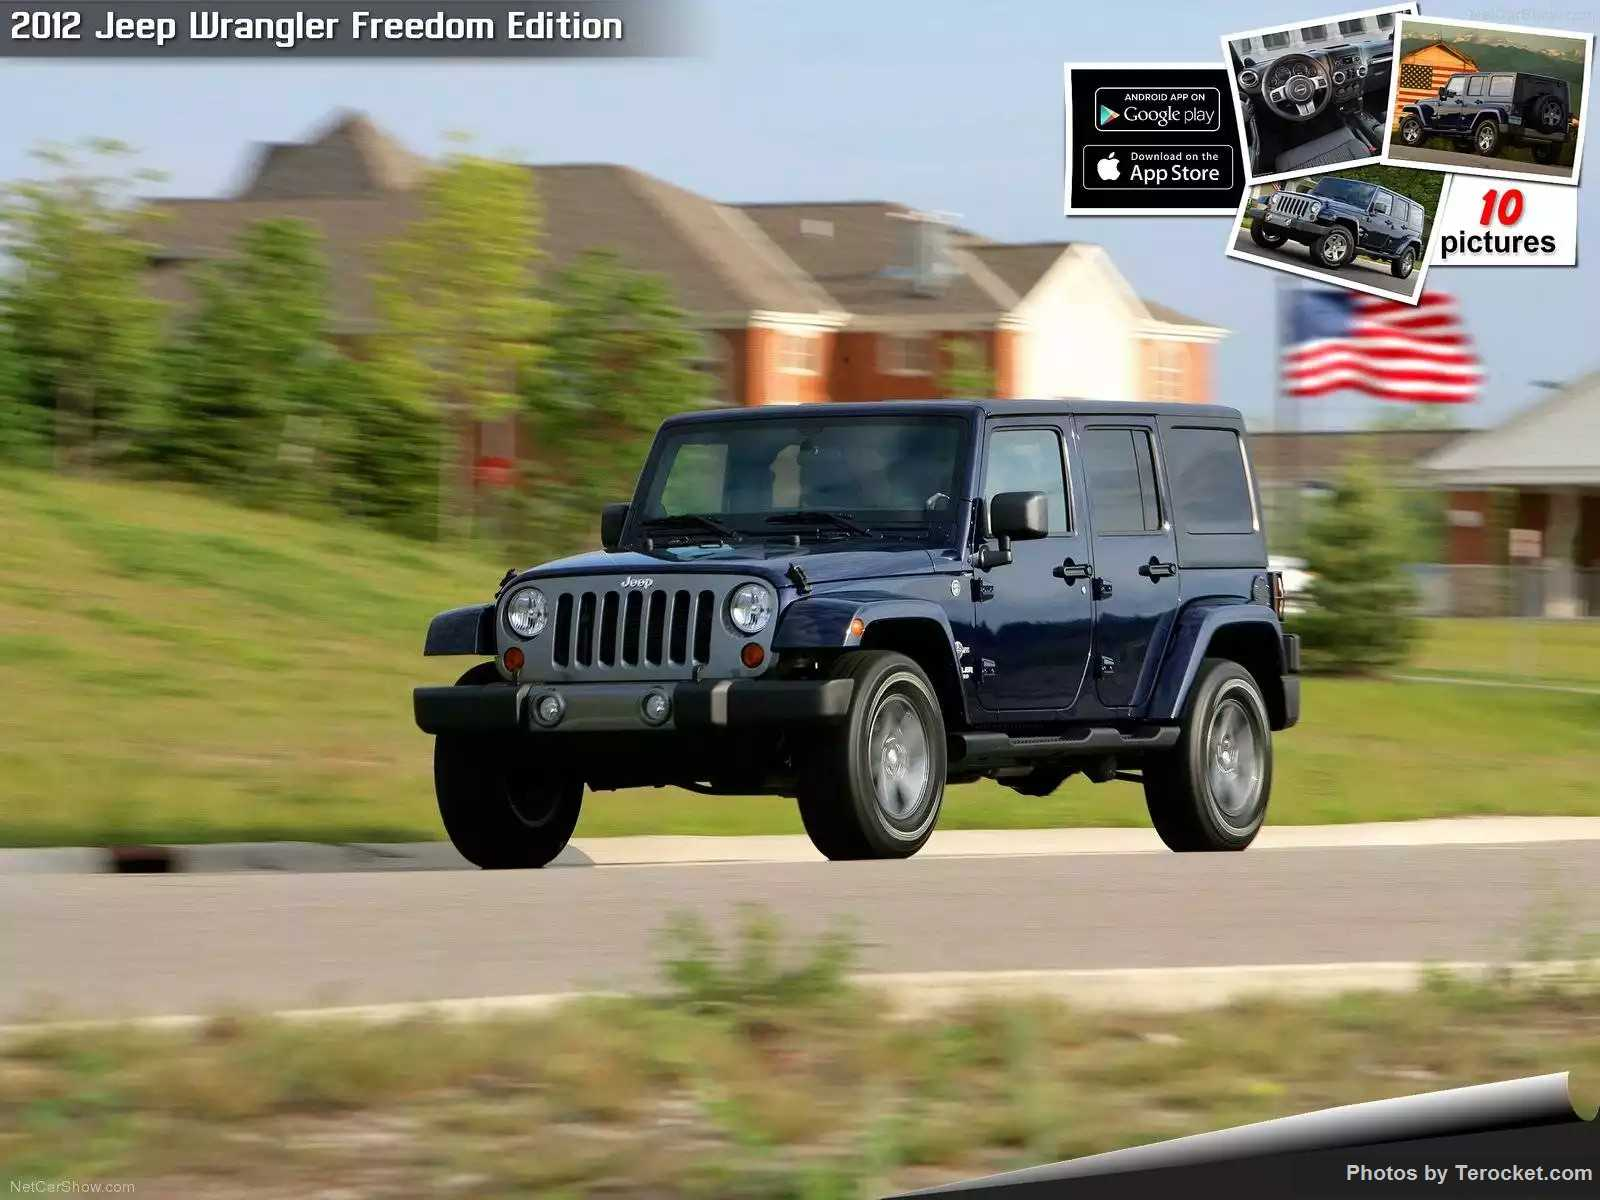 Hình ảnh xe ô tô Jeep Wrangler Freedom Edition 2012 & nội ngoại thất